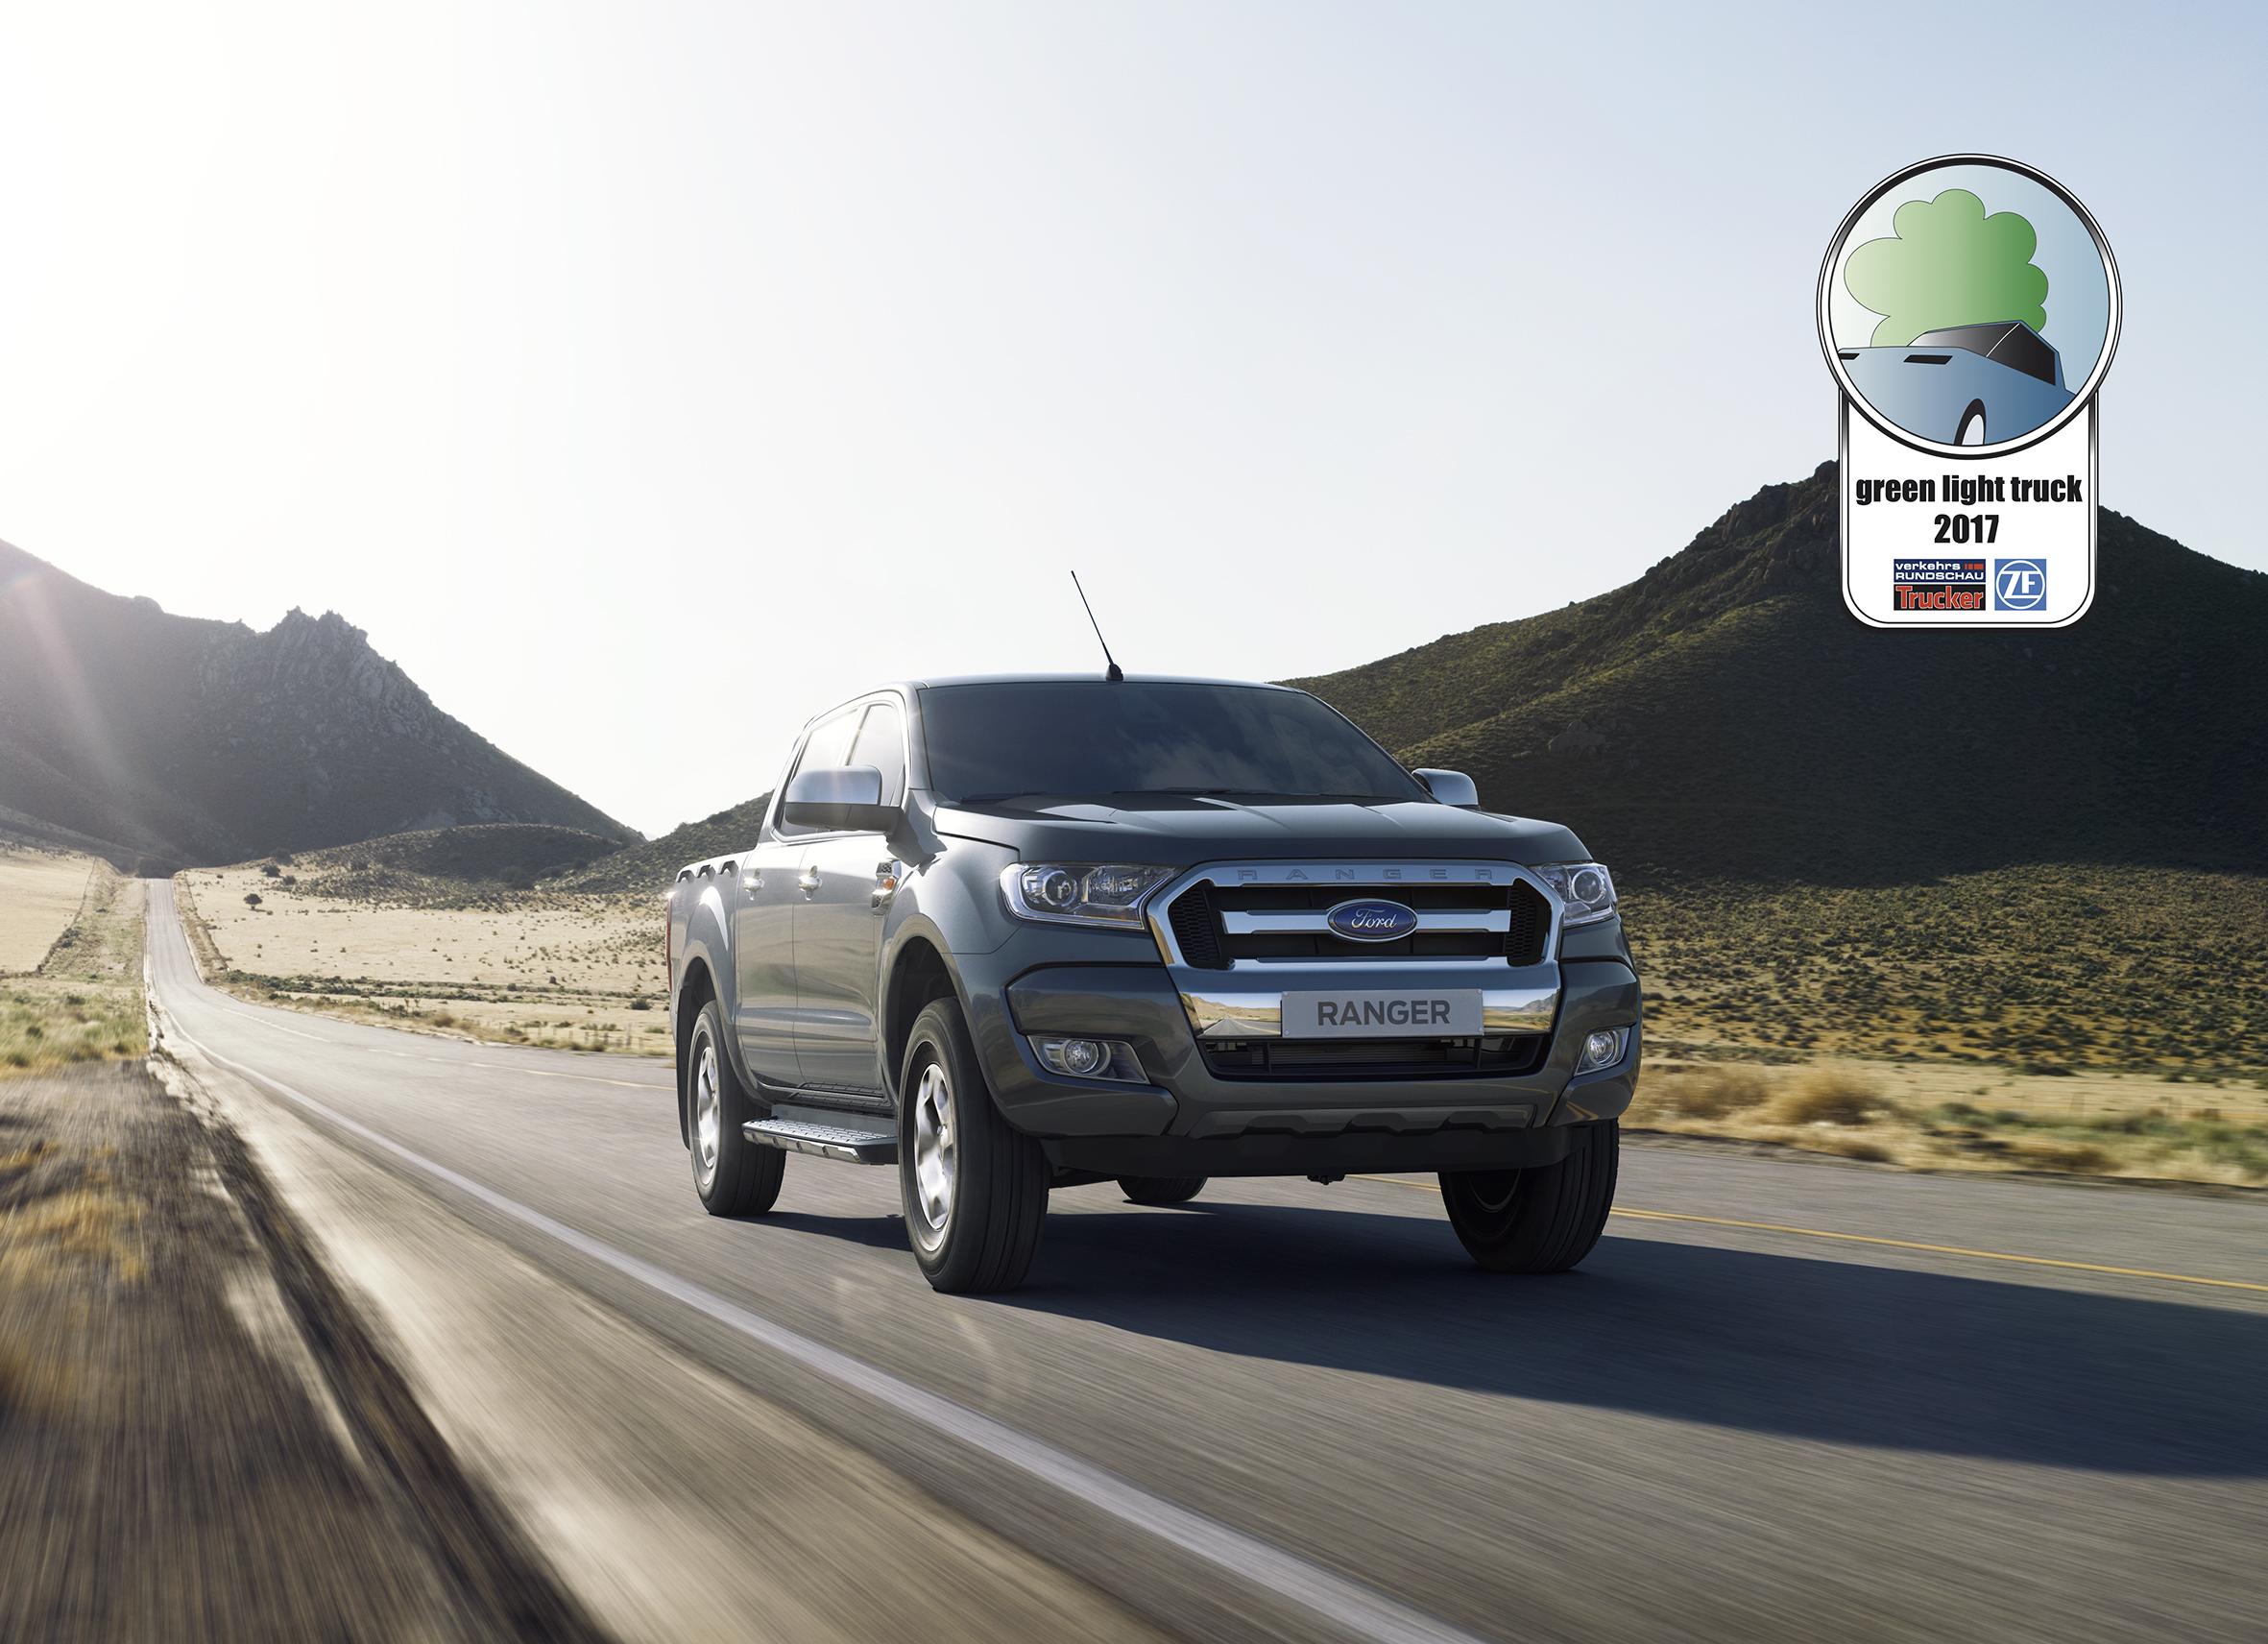 Ford Ranger 22 L TDCi Ist Der QuotGreen Light Truck